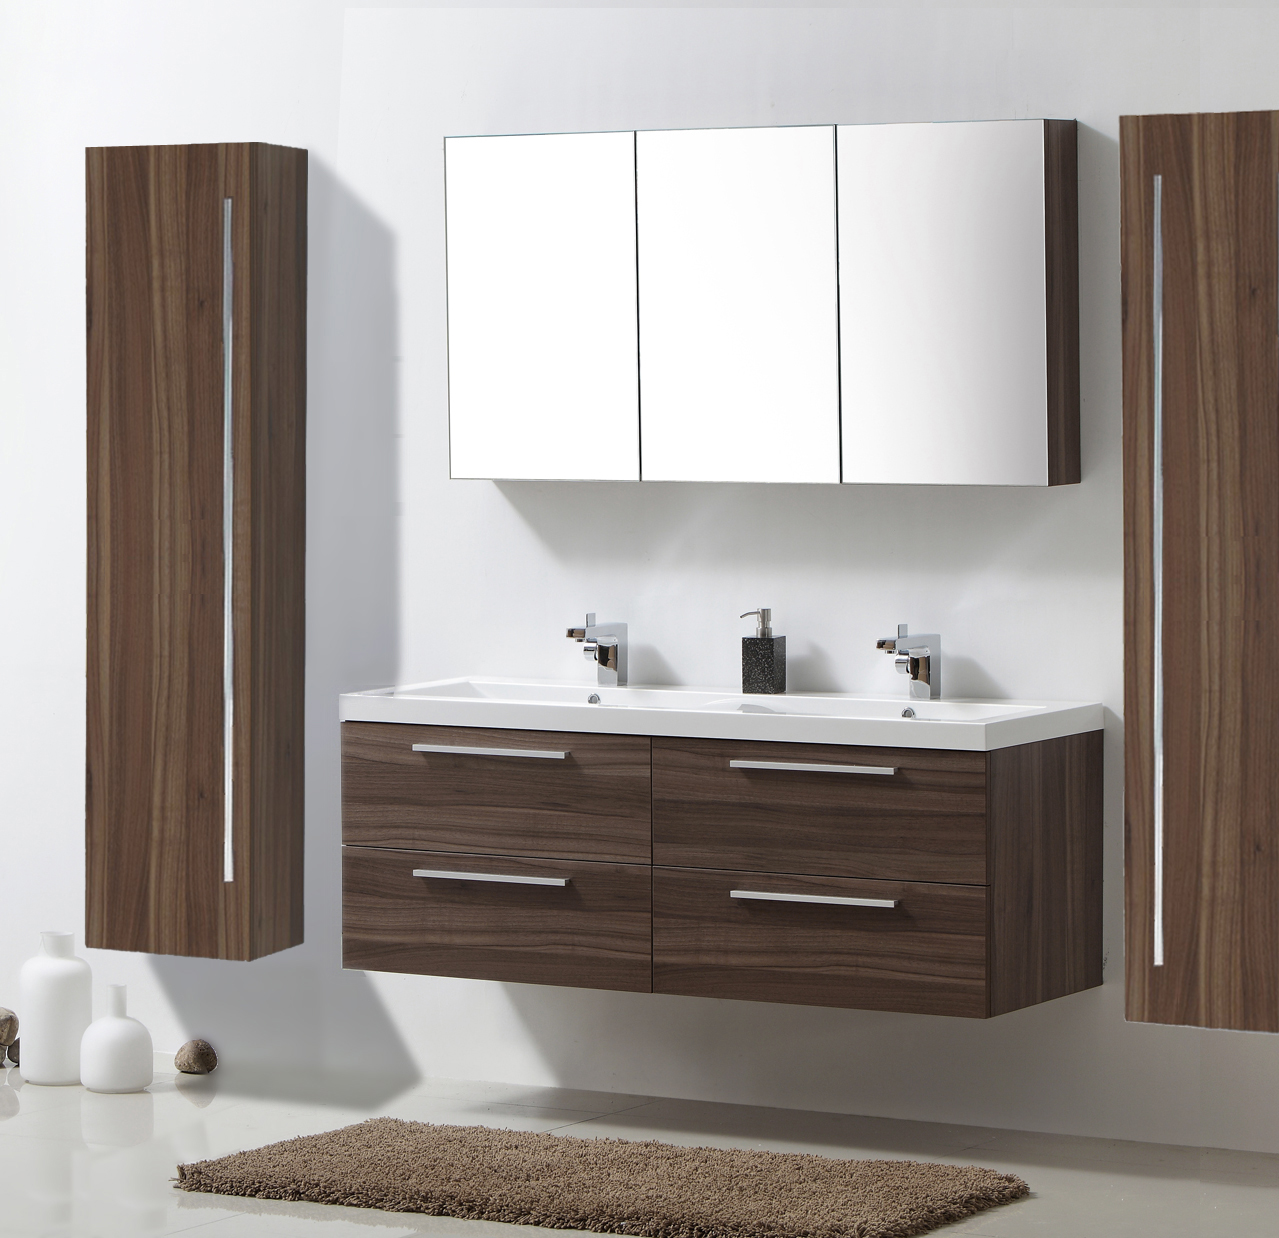 Badm bel set r1442lr walnuss doppelwaschbecken for Spiegelschrank doppelwaschbecken